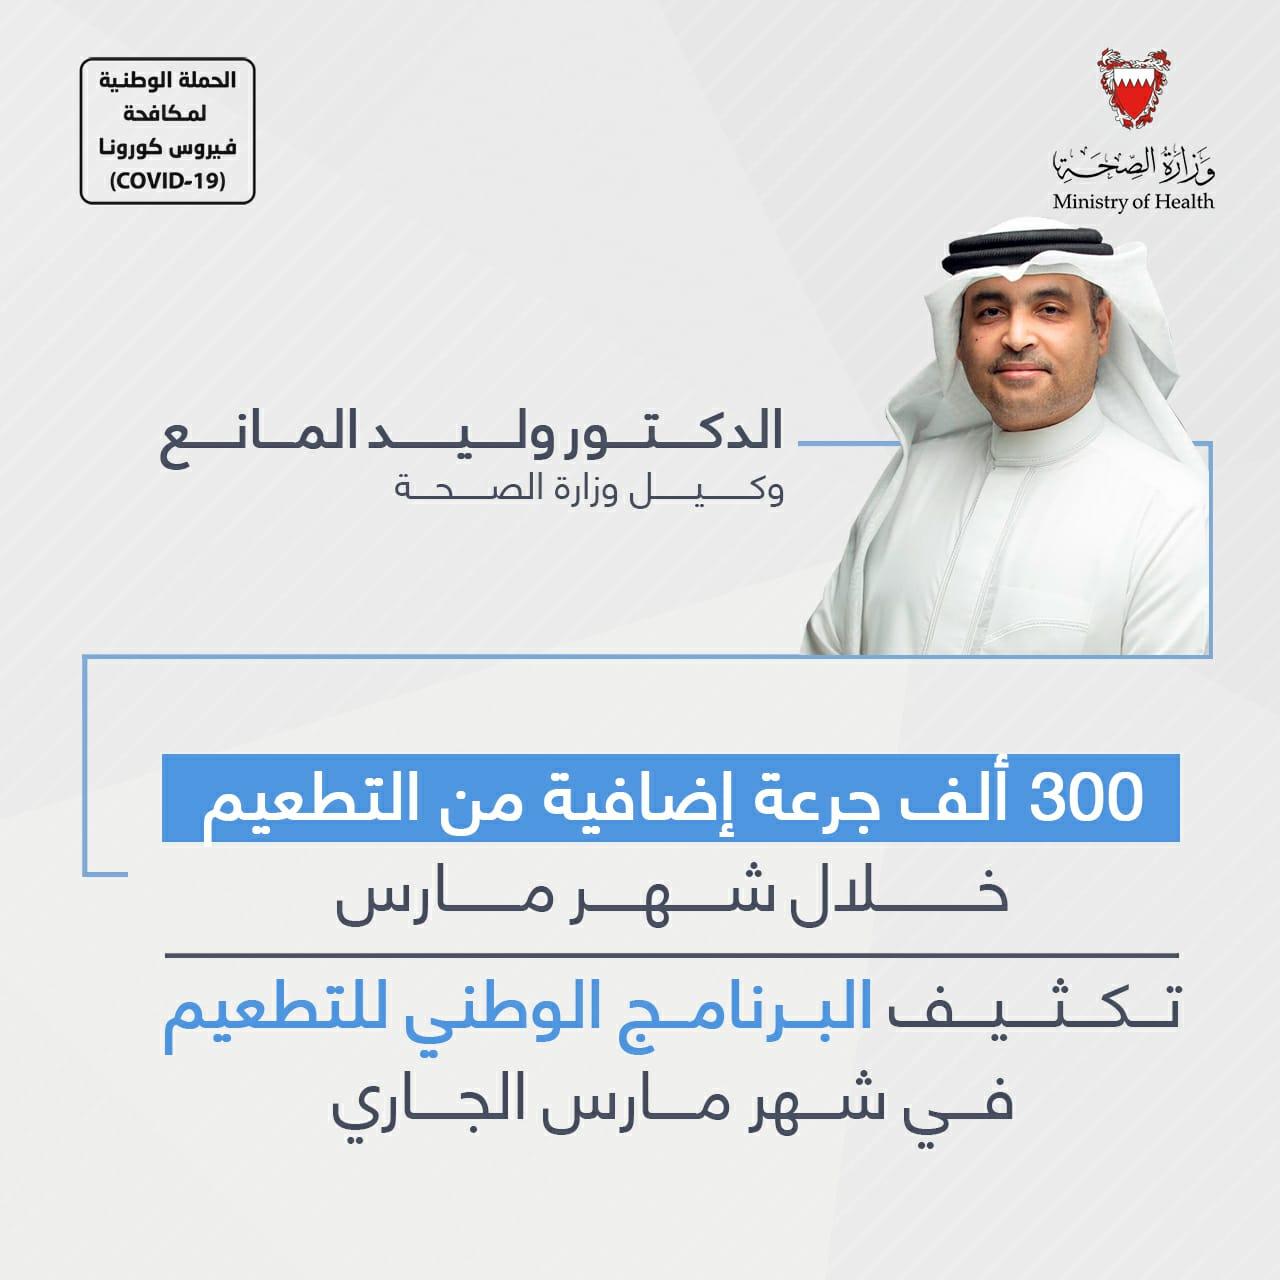 300 ألف جرعة إضافية من التطعيم خلال شهر مارس  الدكتور وليد المانع: تكثيف البرنامج الوطني للتطعيم في شهر مارس الجاري